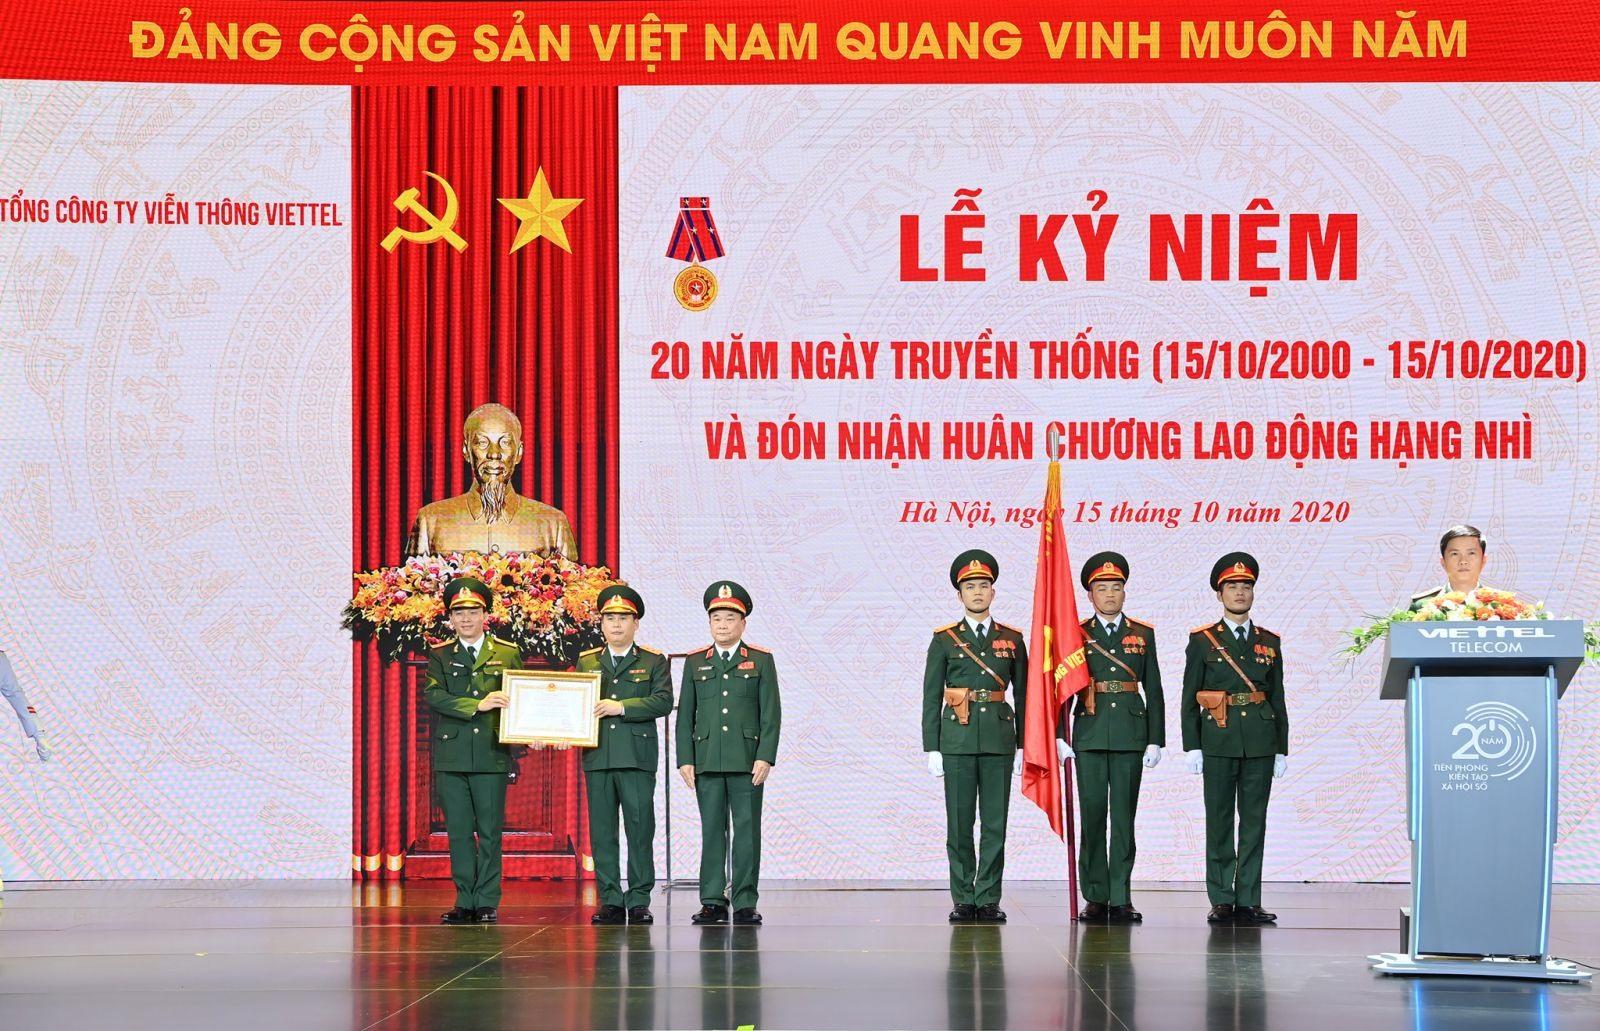 Lễ đón nhận Huân chương Lao động hạng Nhì của Tổng Công ty Viễn thông Viettel. Ảnh: Viettel